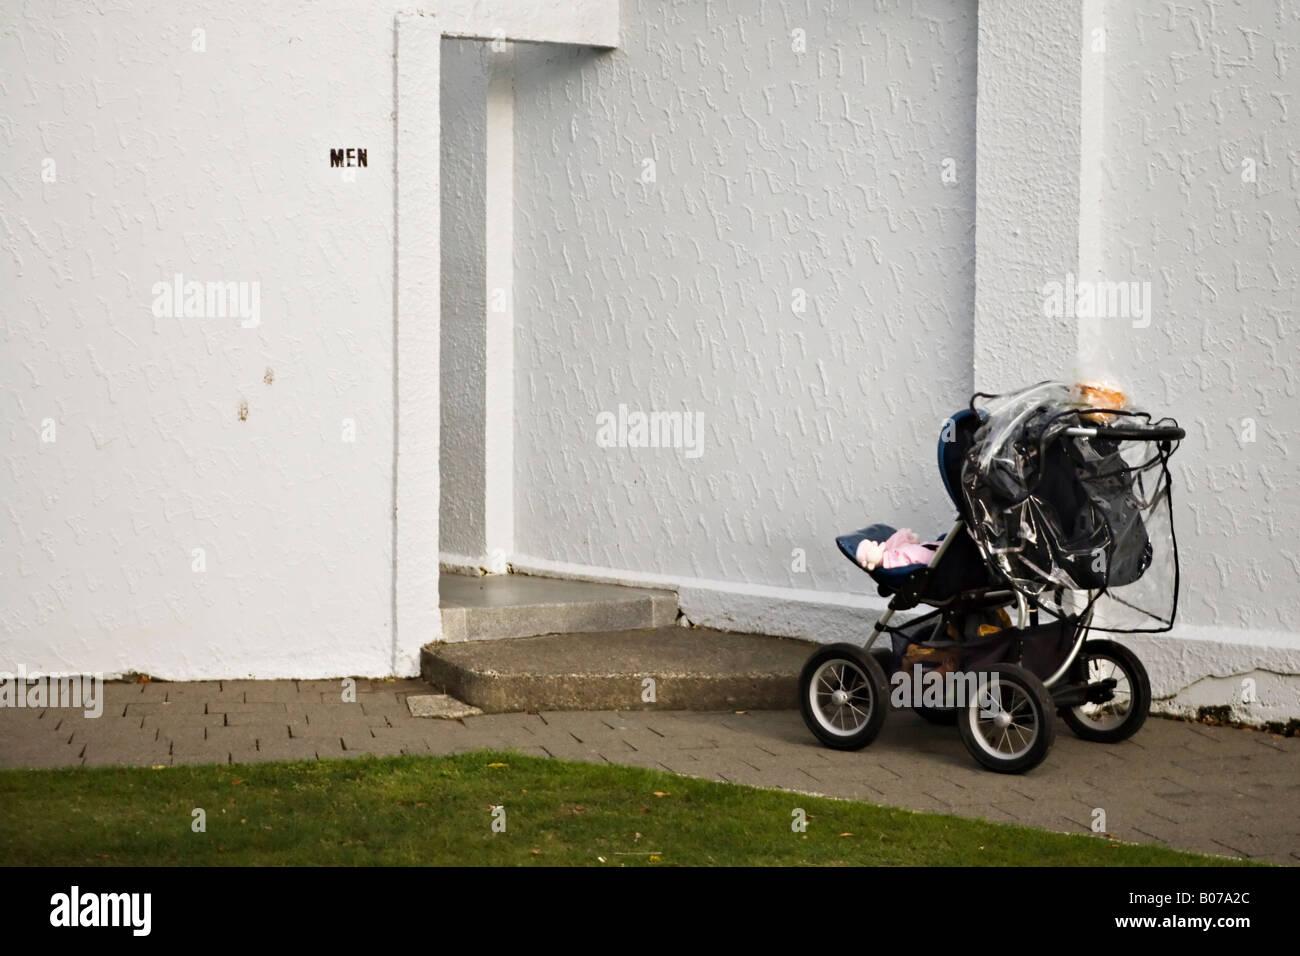 Spingere la sedia con baby sinistro esterno mens wc in un parco pubblico in Nuova Zelanda Immagini Stock